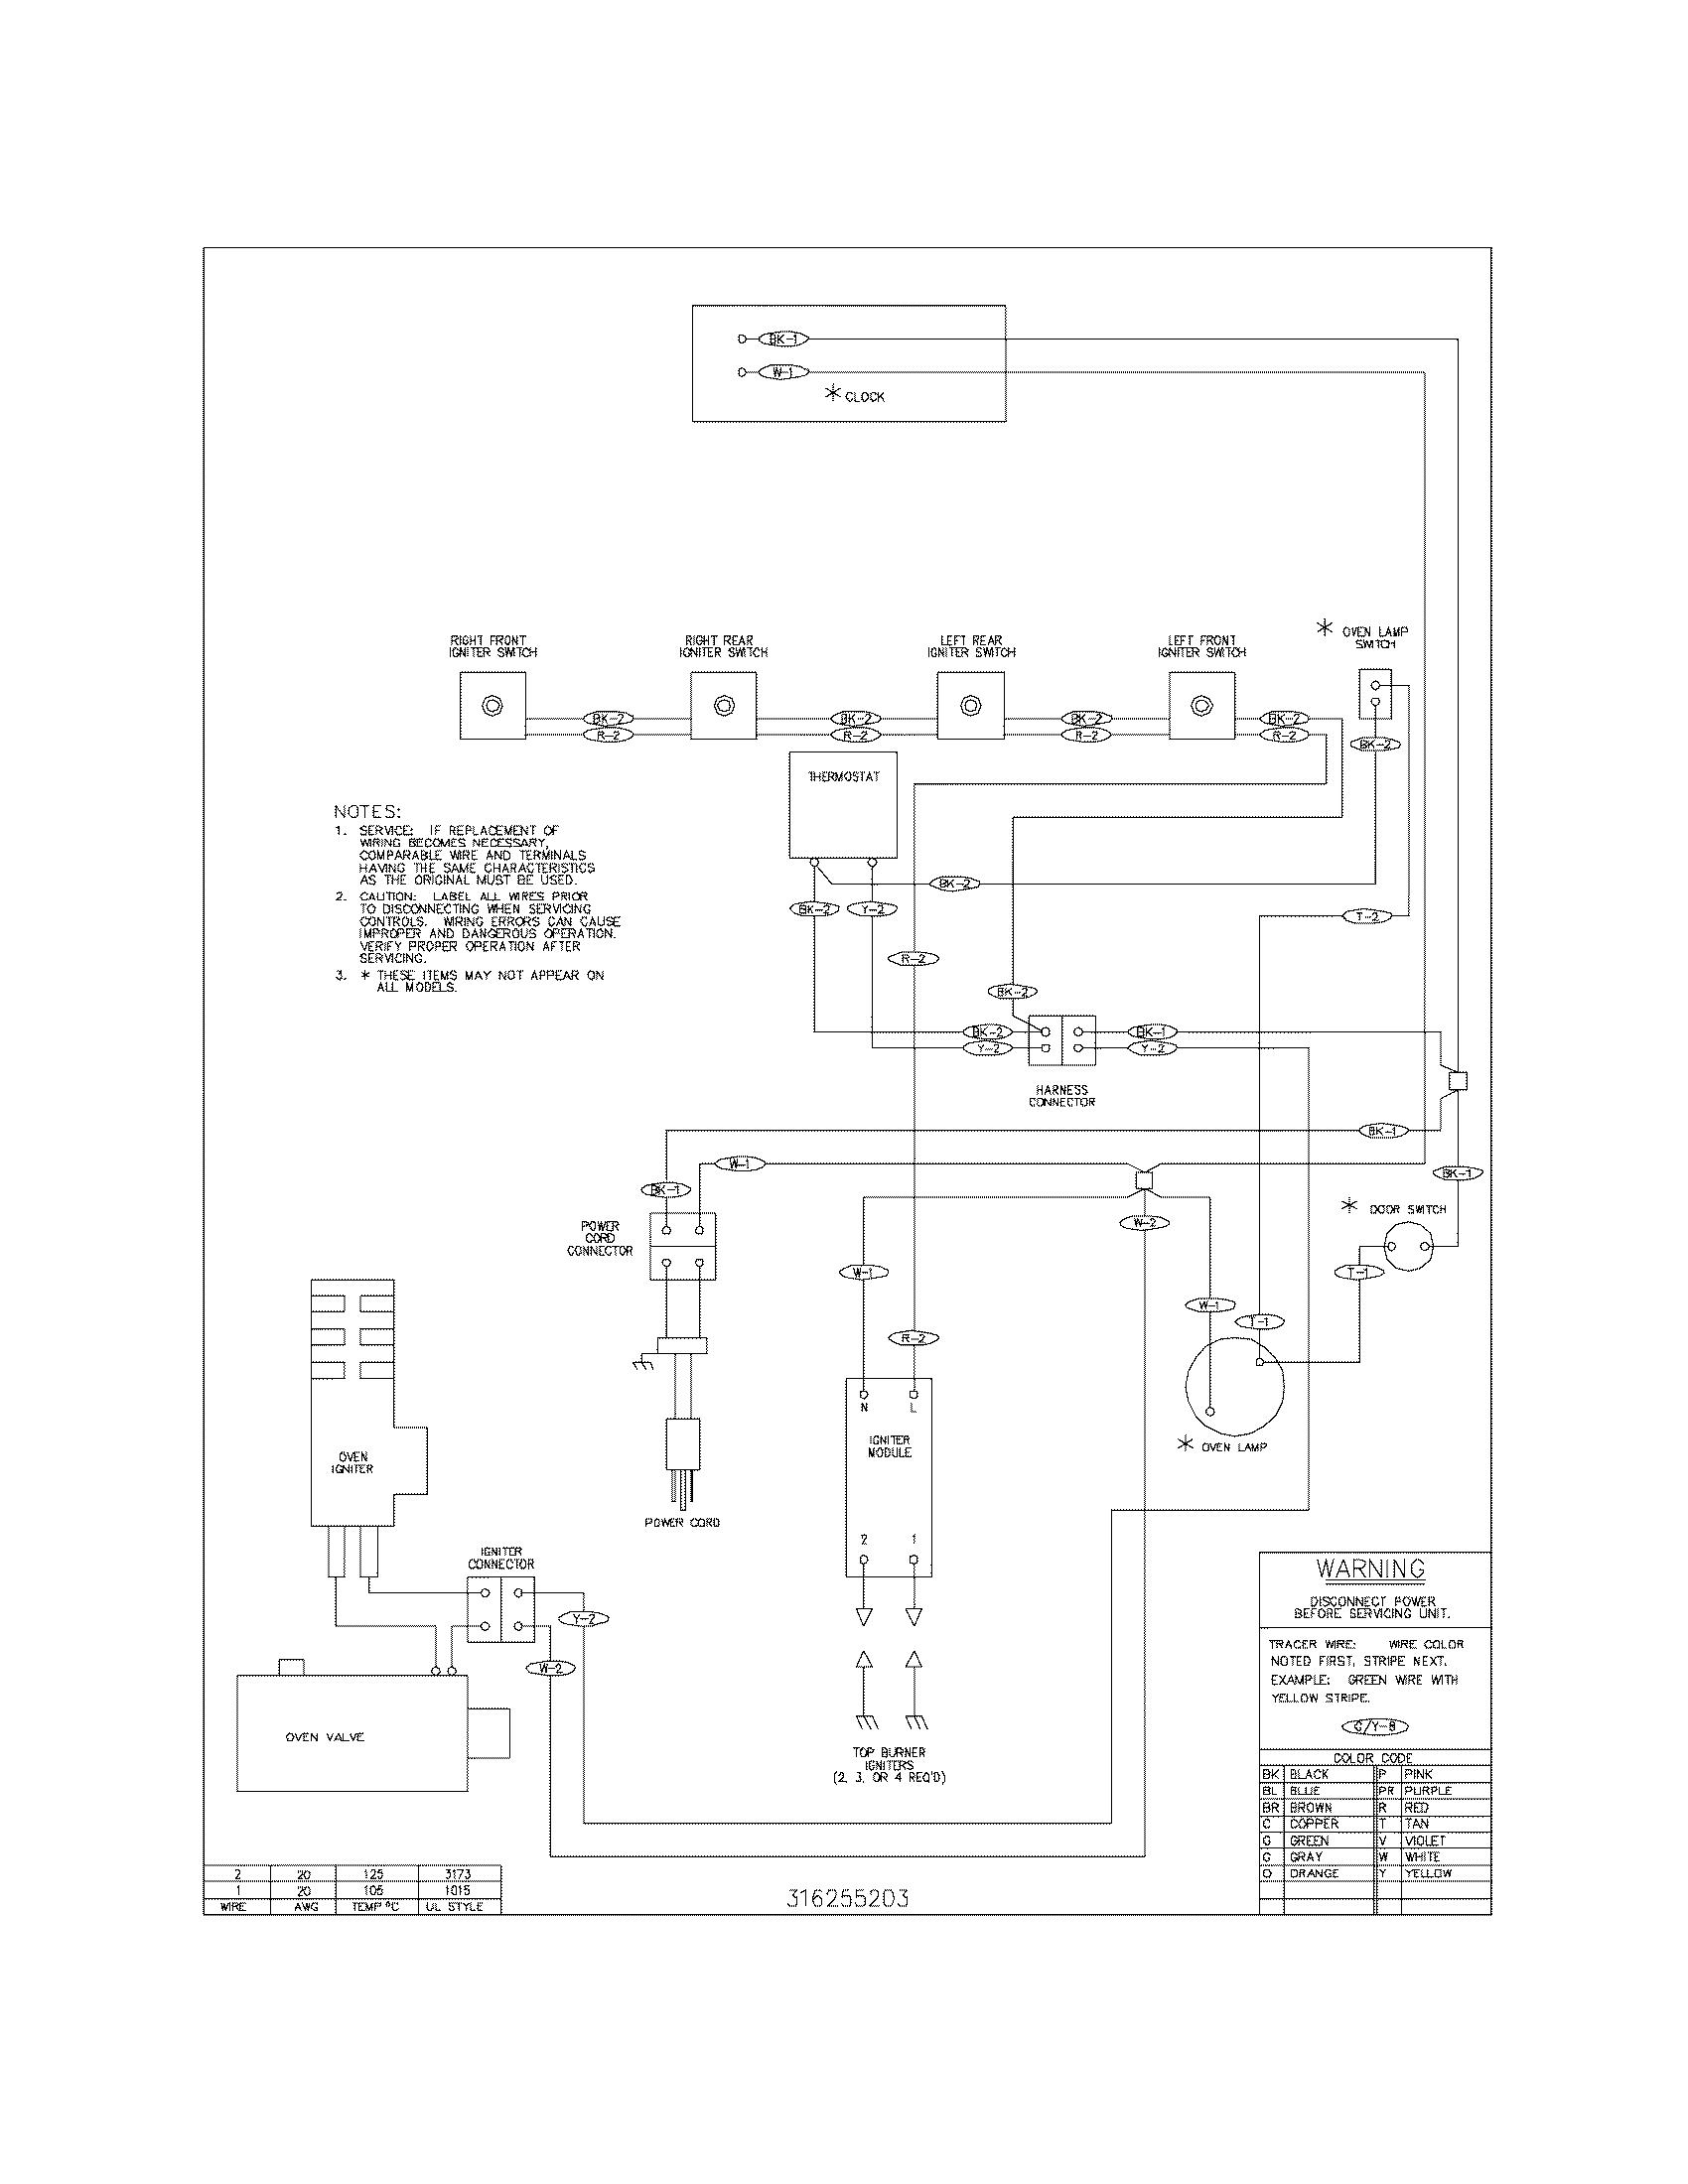 Tappan  Gas Range  Wiring diagram